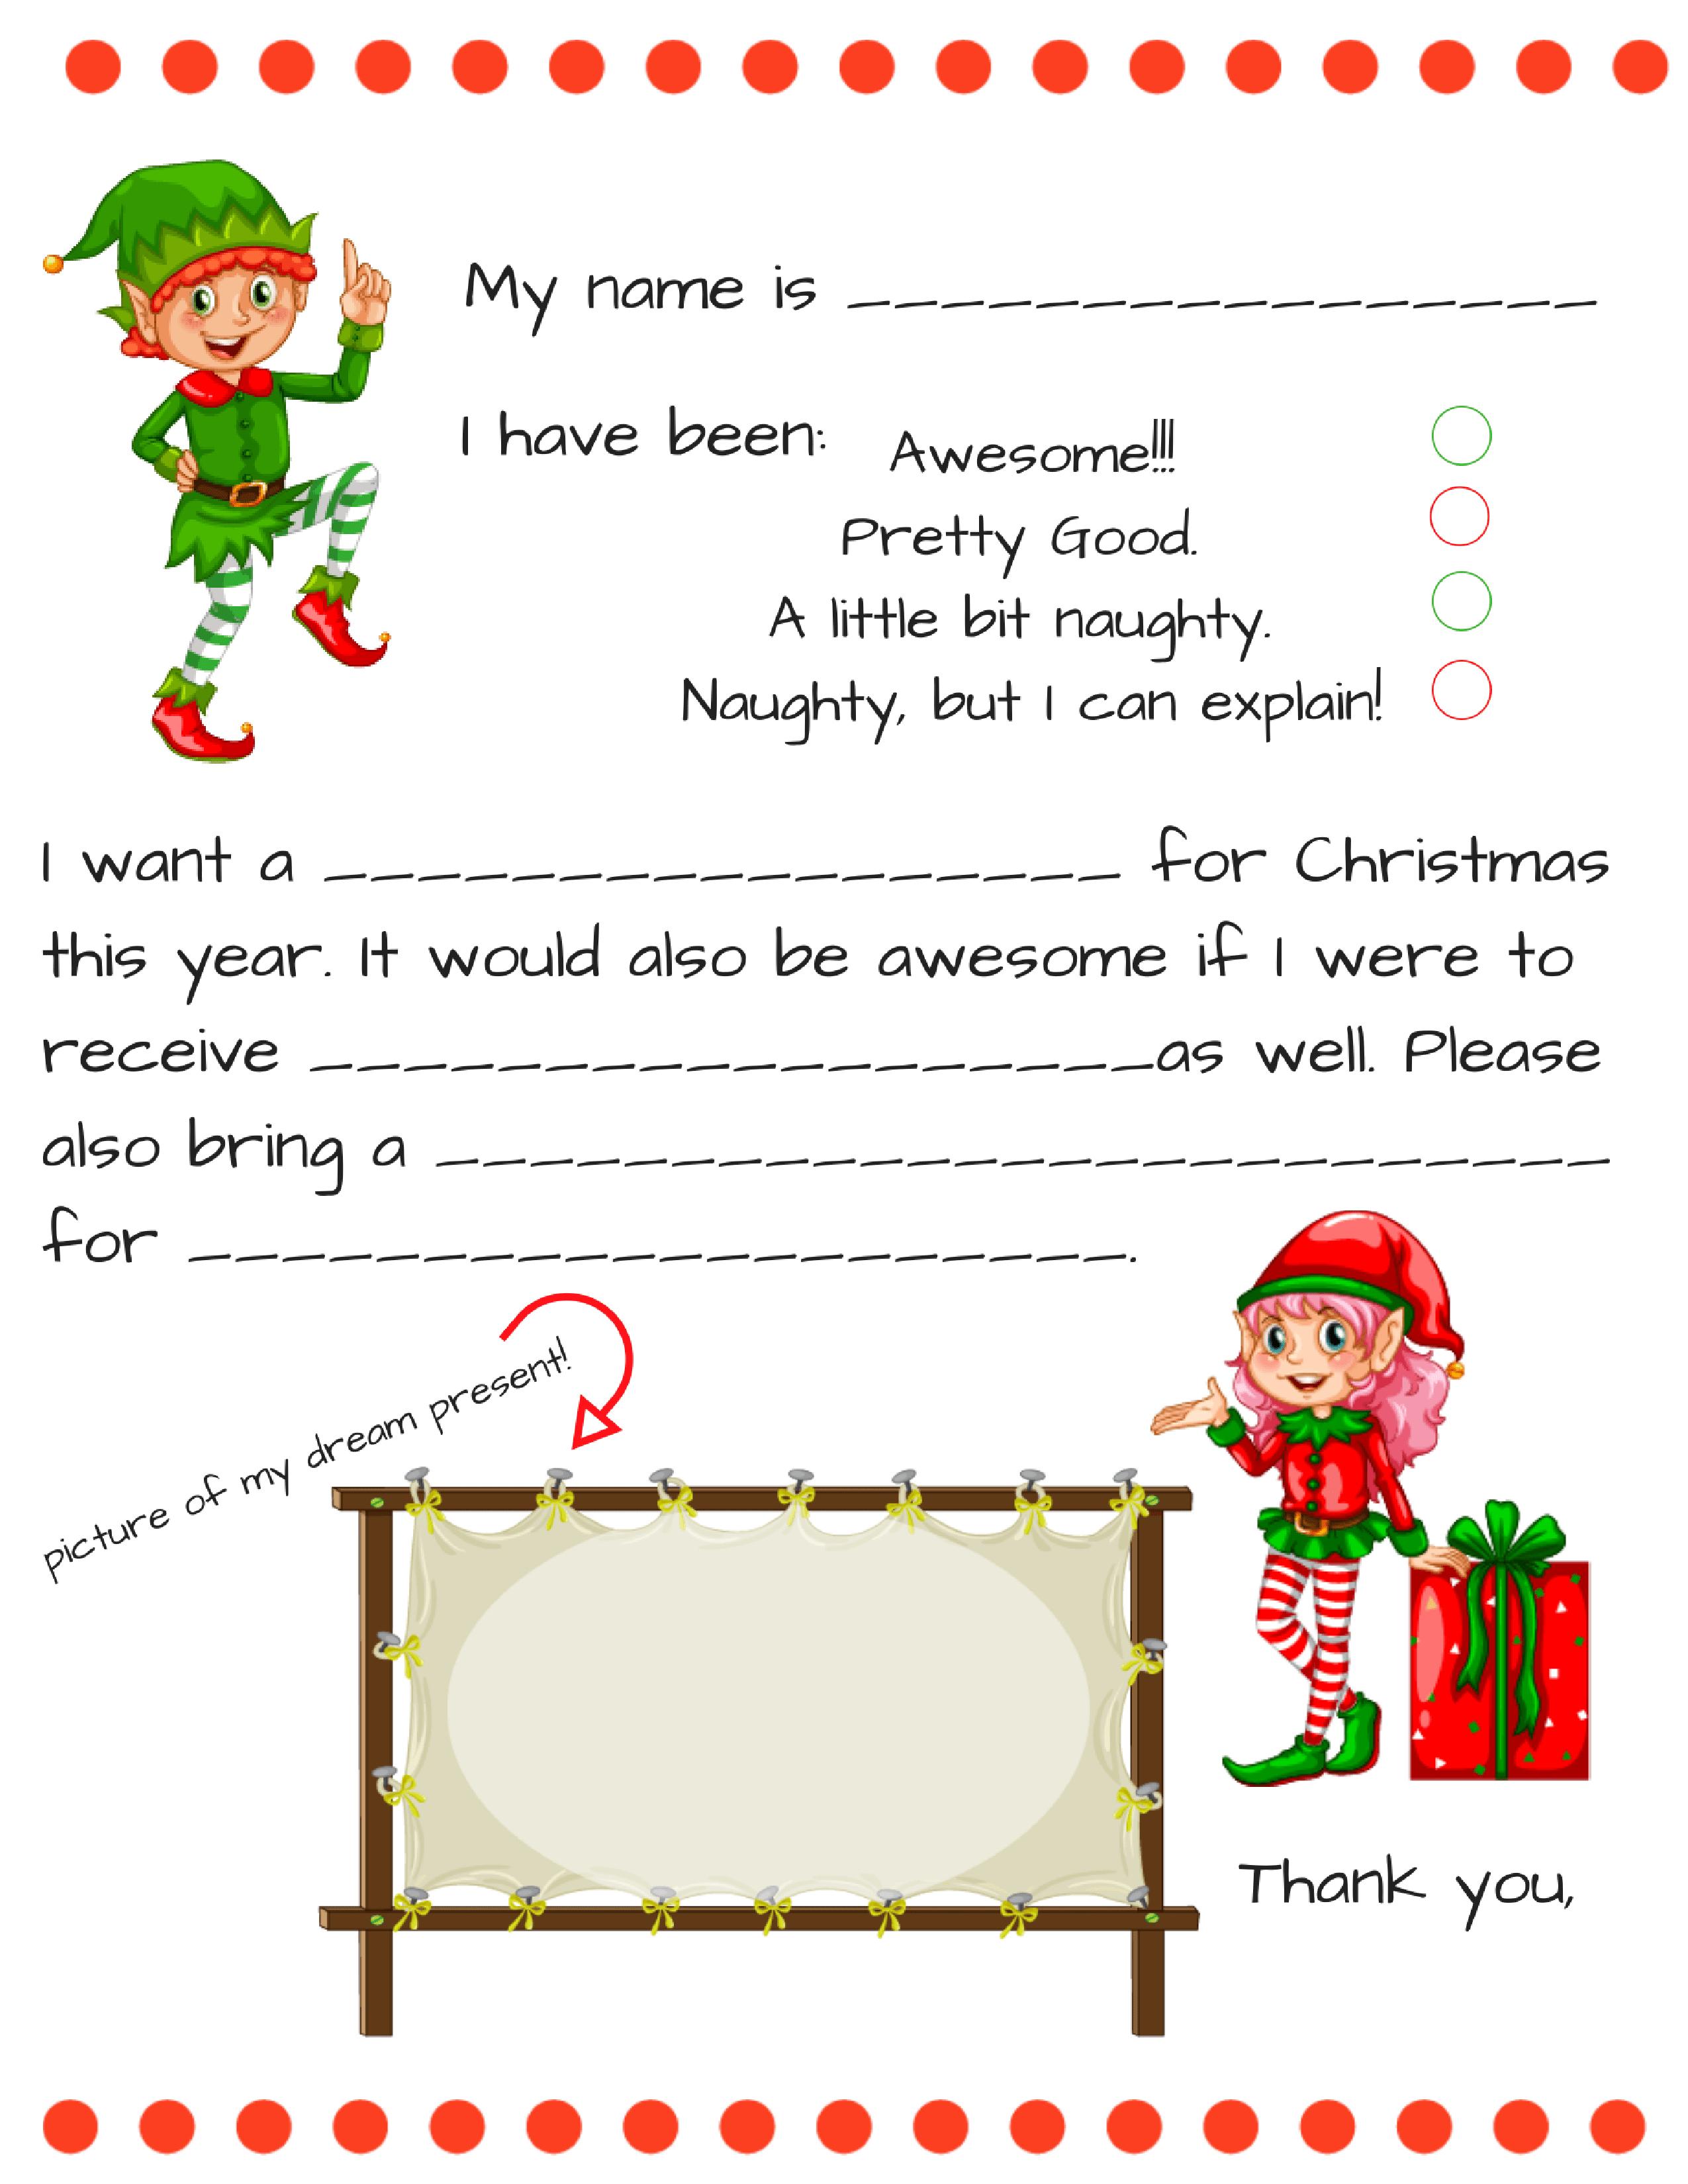 Custom Letter From Santa Template - Dear Santa Letter Template